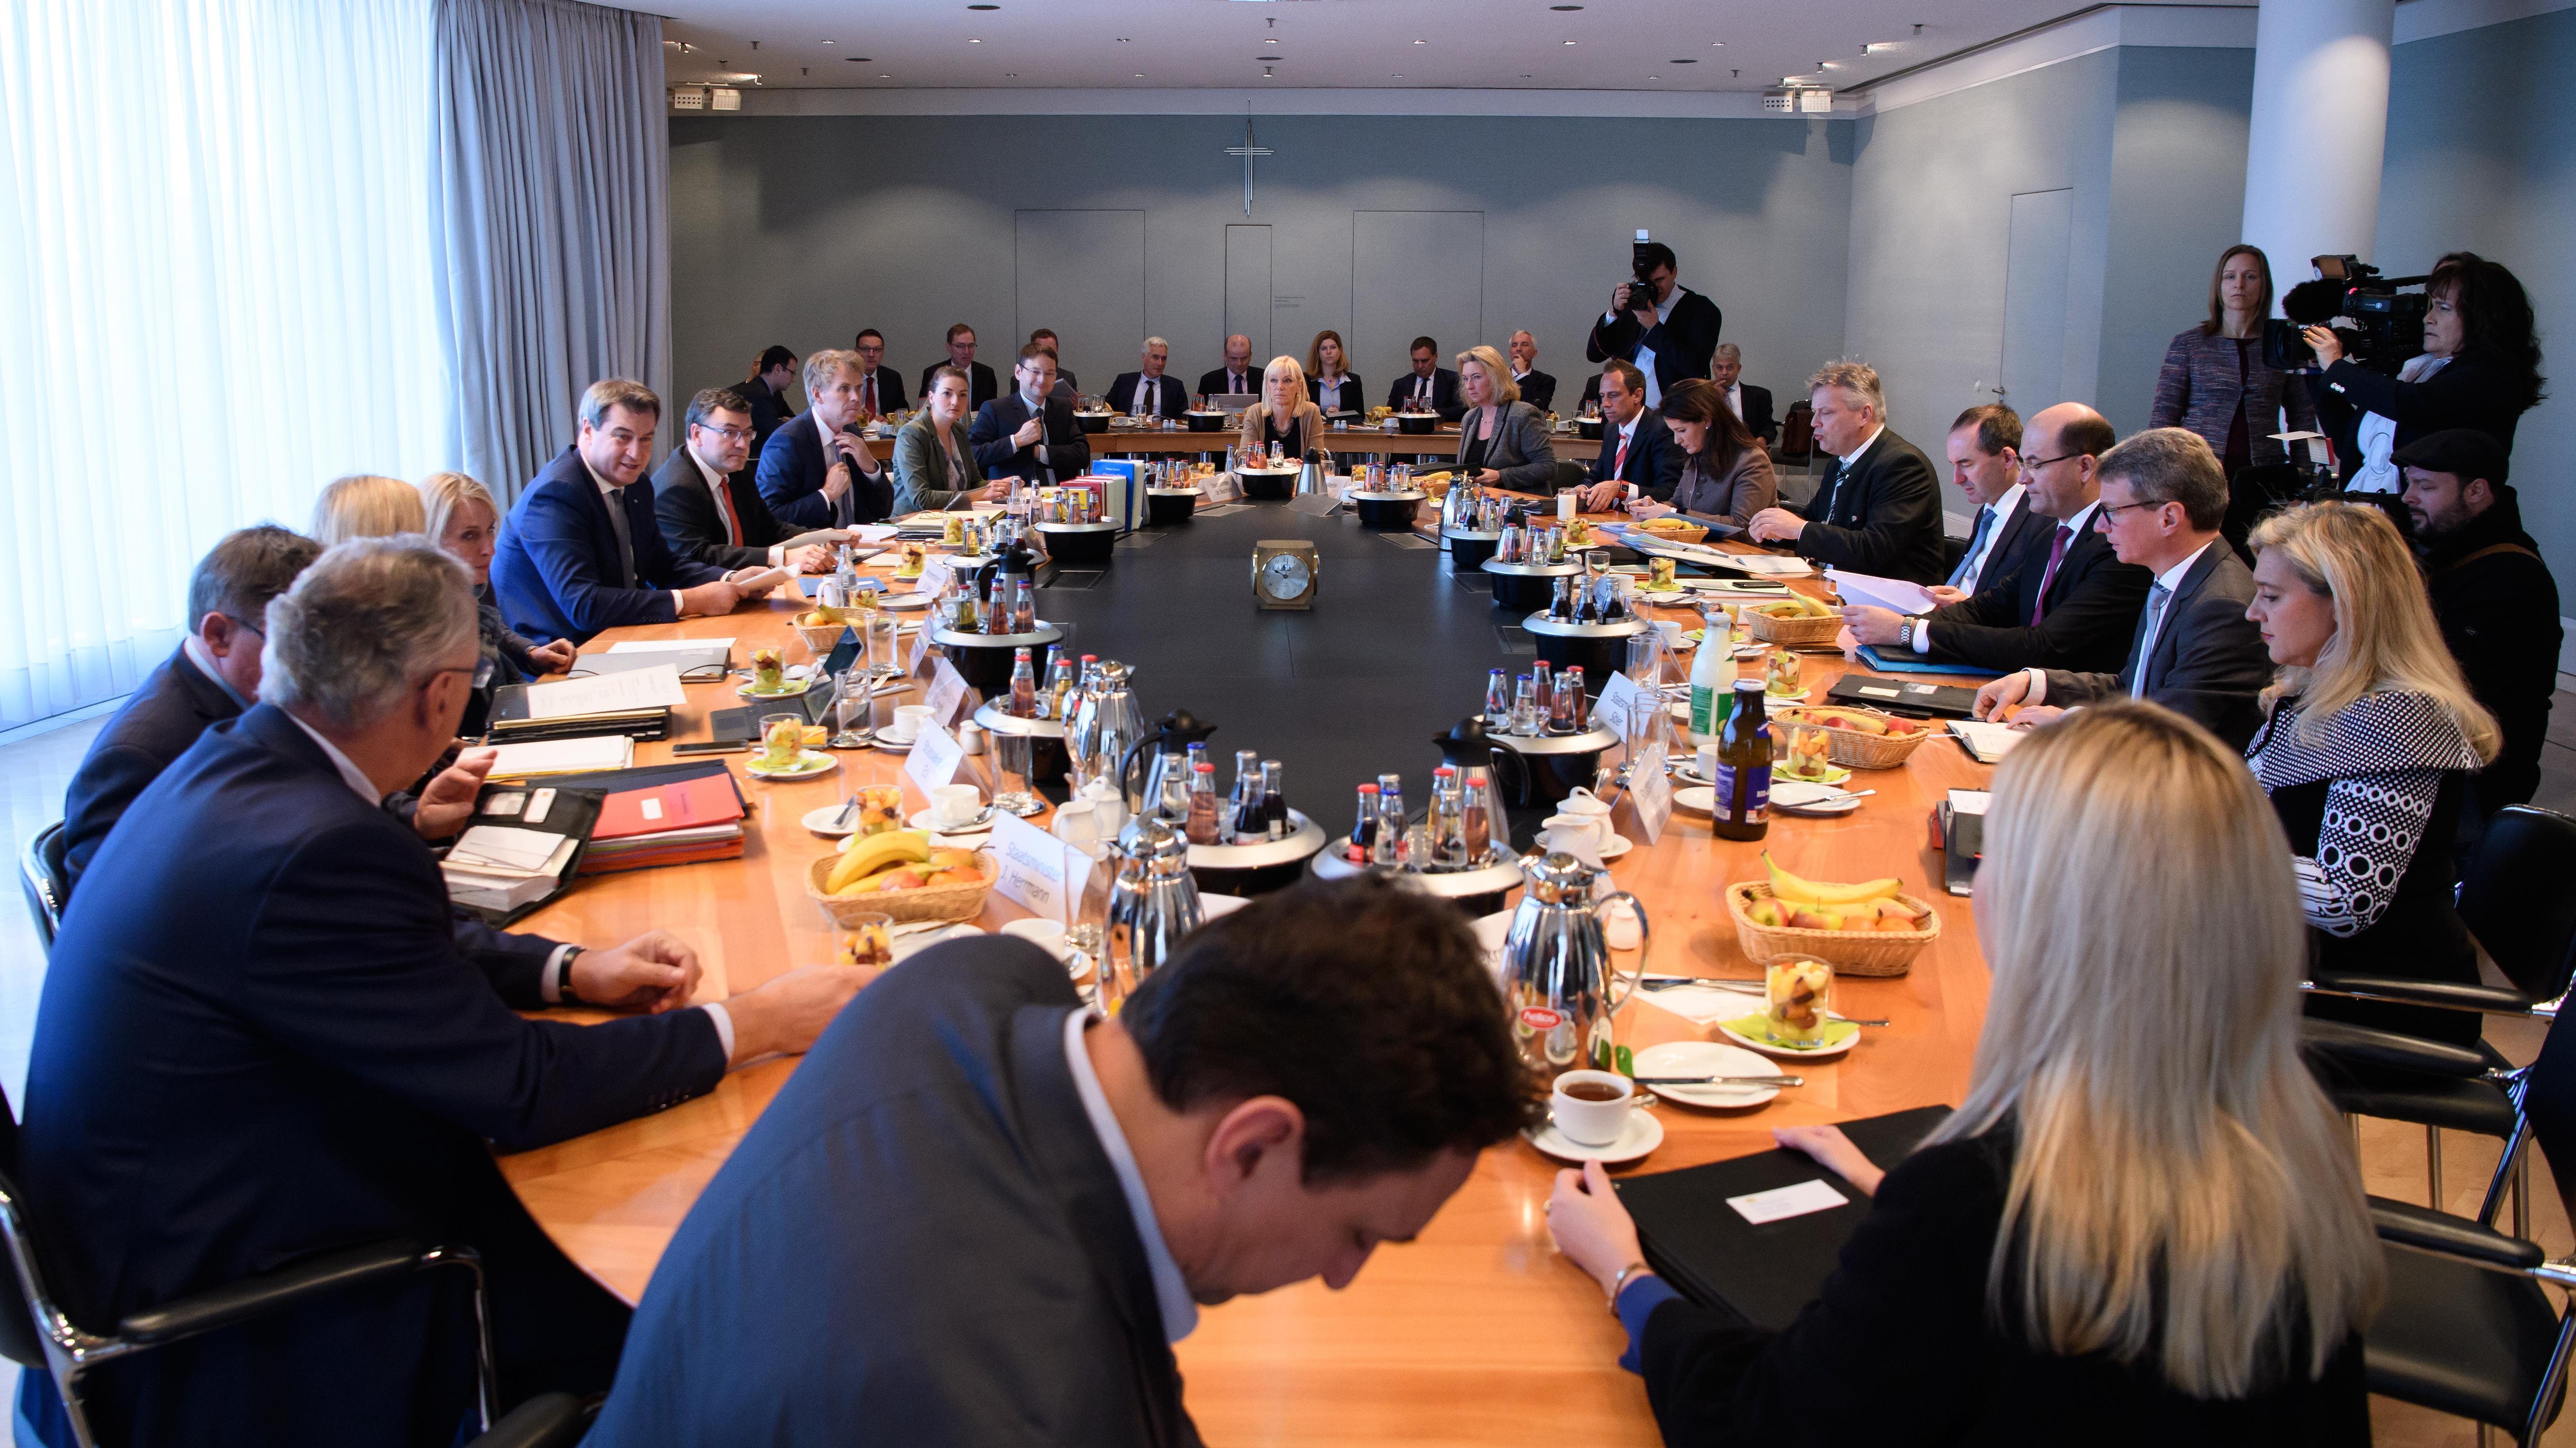 Die Mitglieder des bayerischen Kabinetts